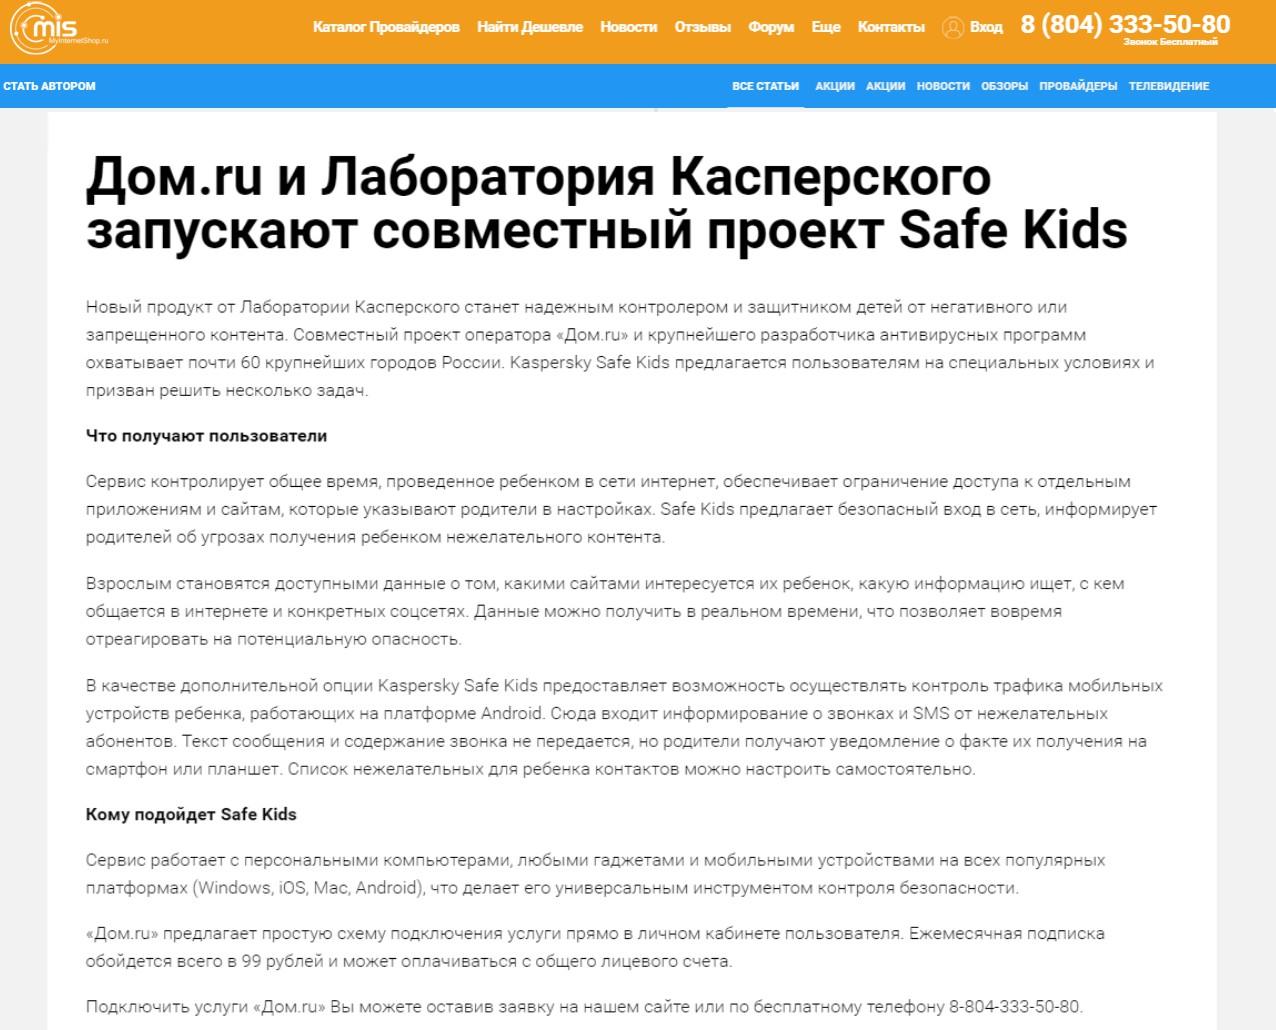 Статья Дом.ru и Лаборатория Касперского